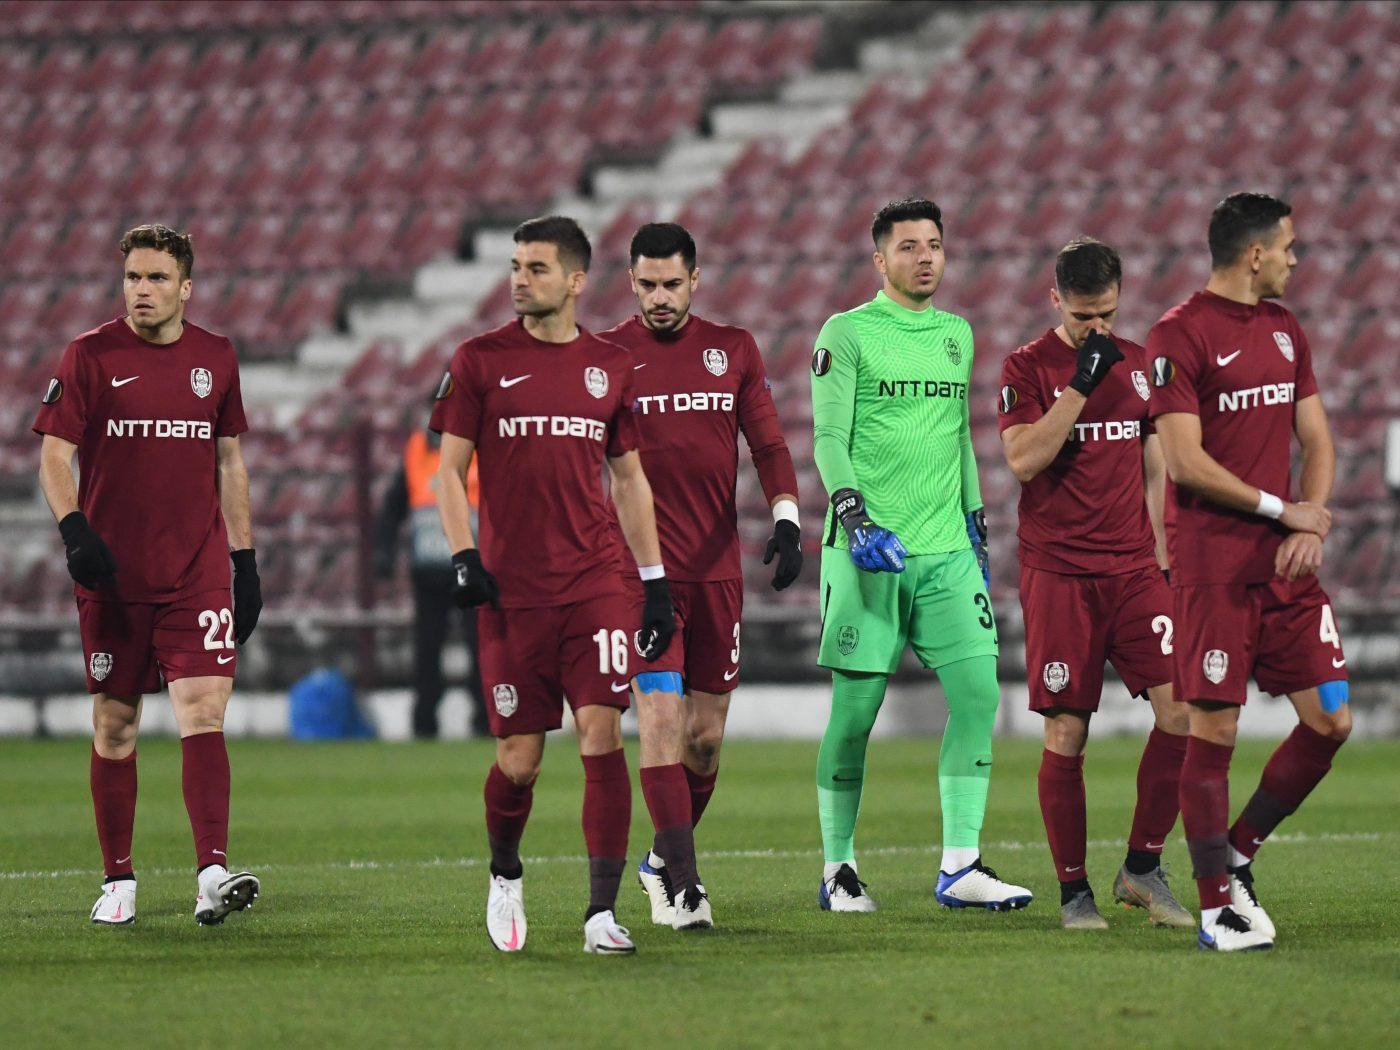 """Ilie Dumitrescu îl pune pe fugă pe urmașul lui Dan Petrescu: """"Echipa suferă, e final de ciclu!"""" Ce îl așteaptă pe noul antrenor al CFR-ului"""